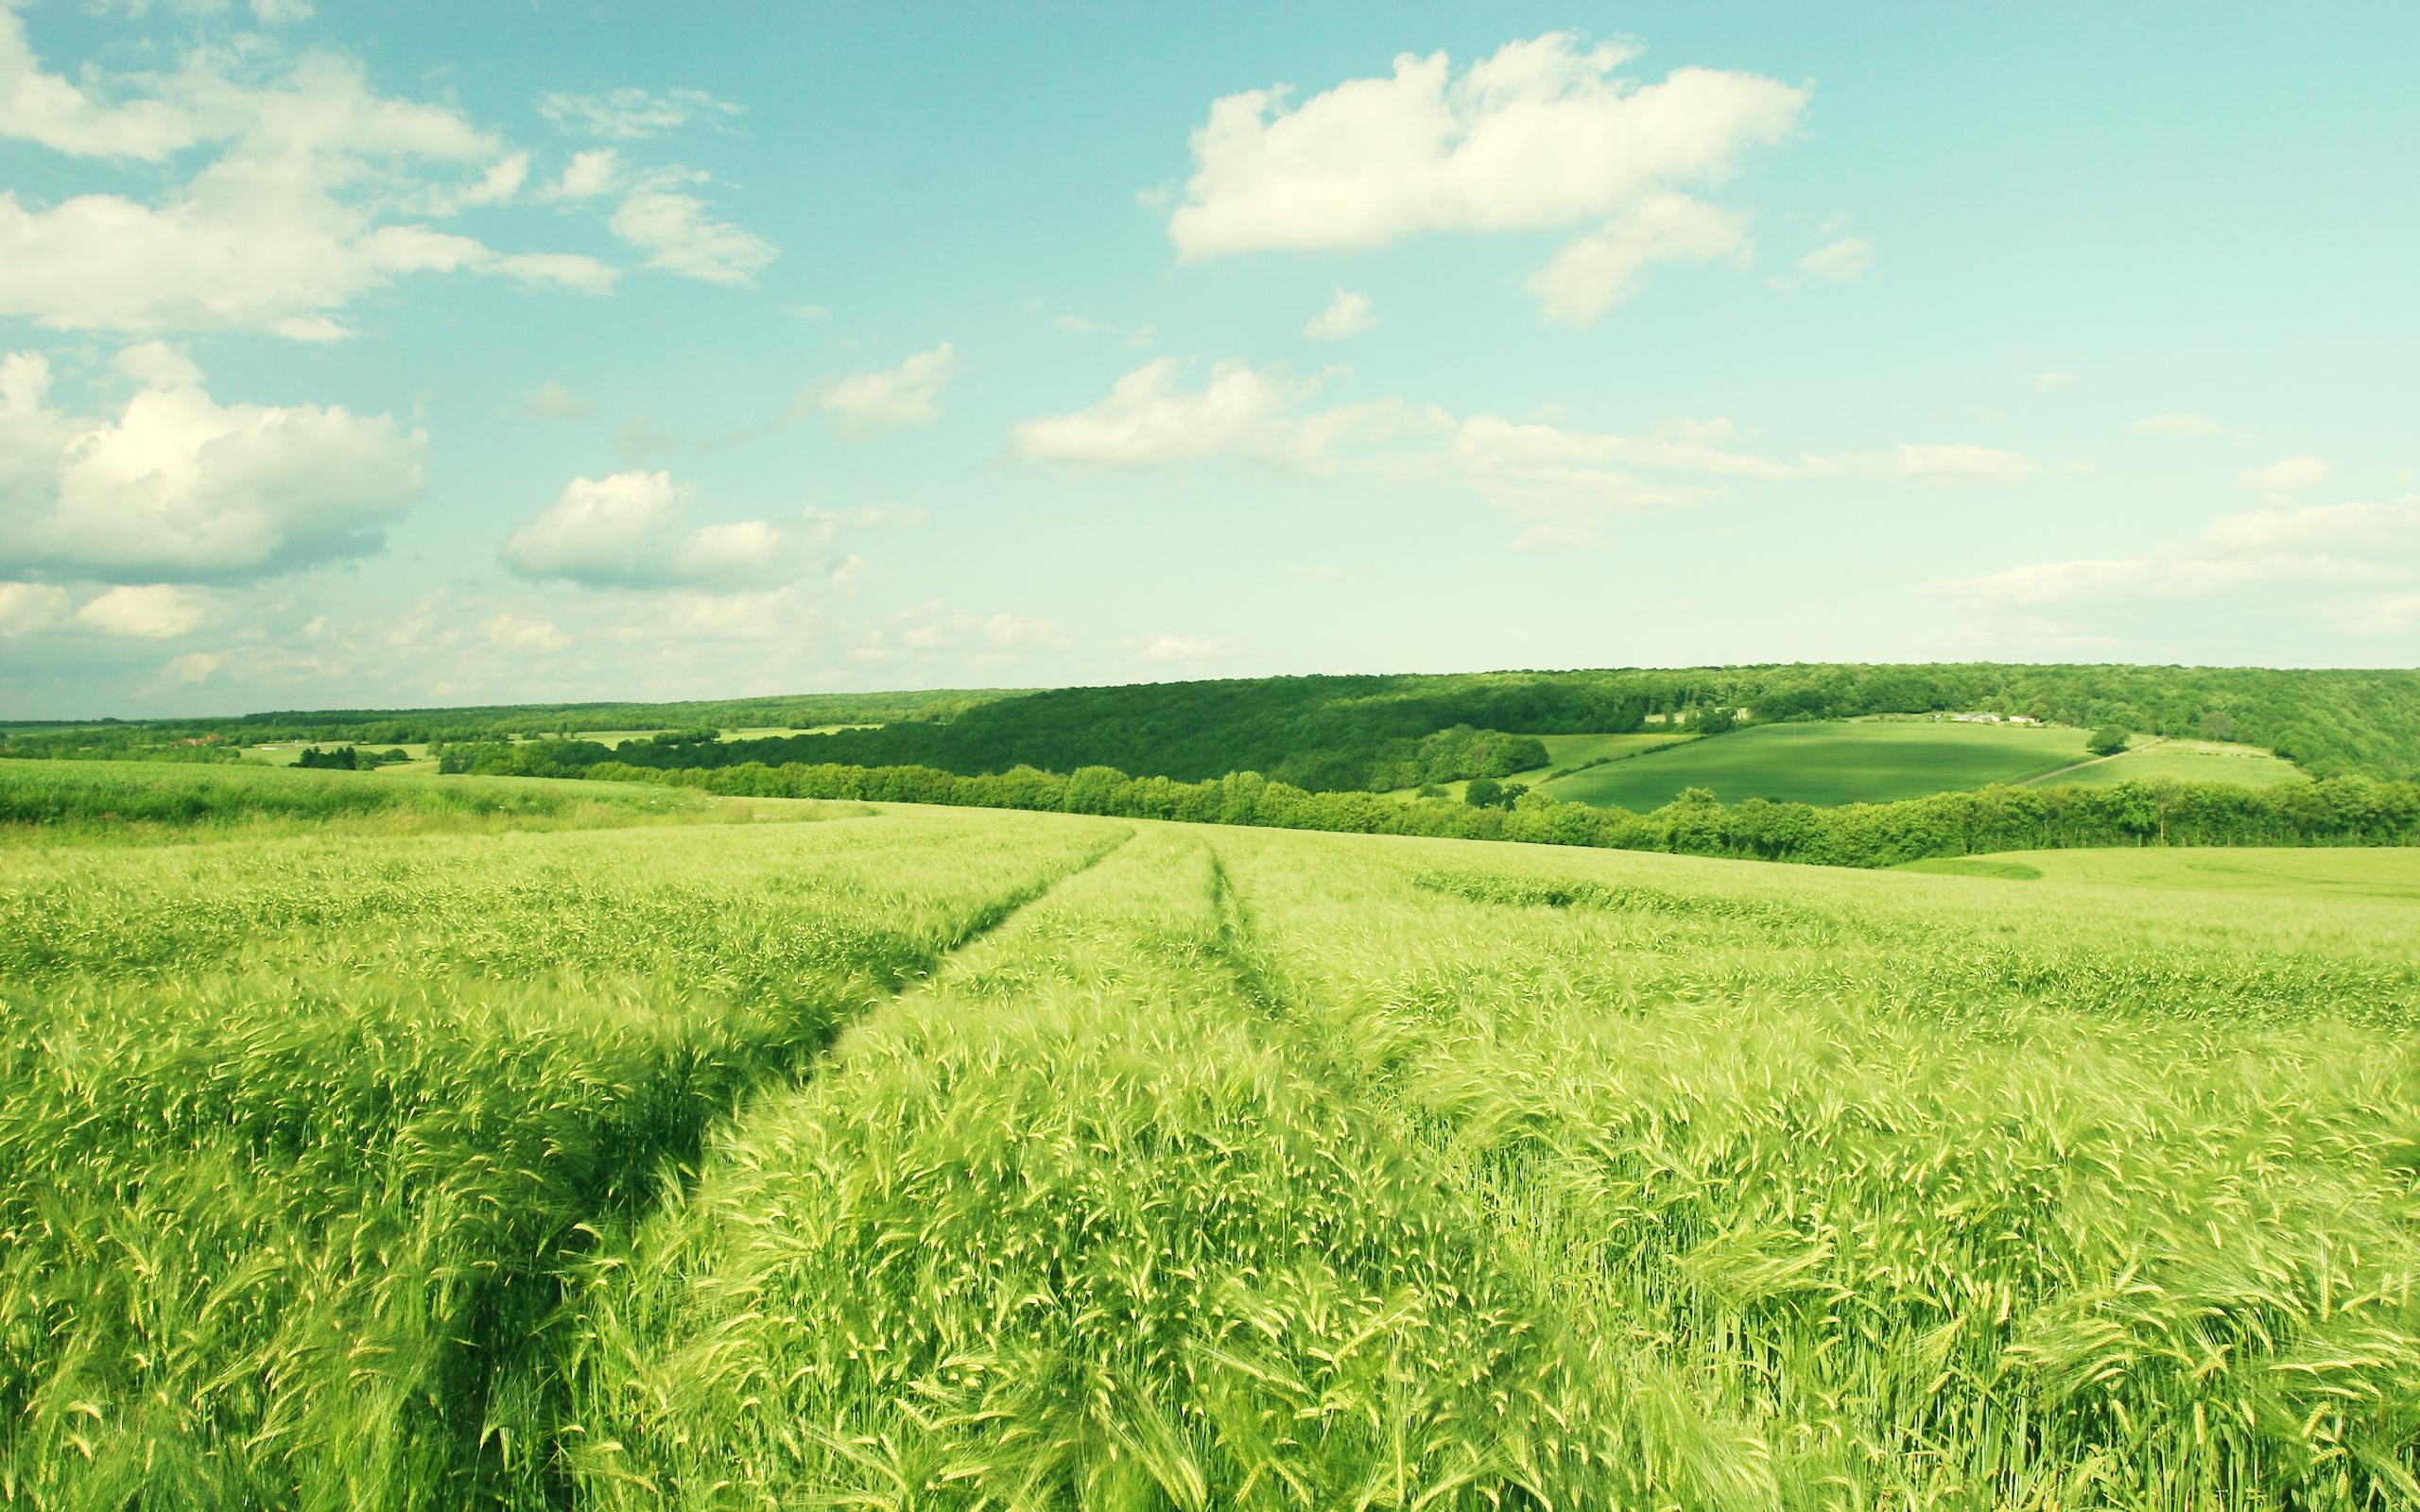 Дорога через зеленое поле  № 2604482 загрузить